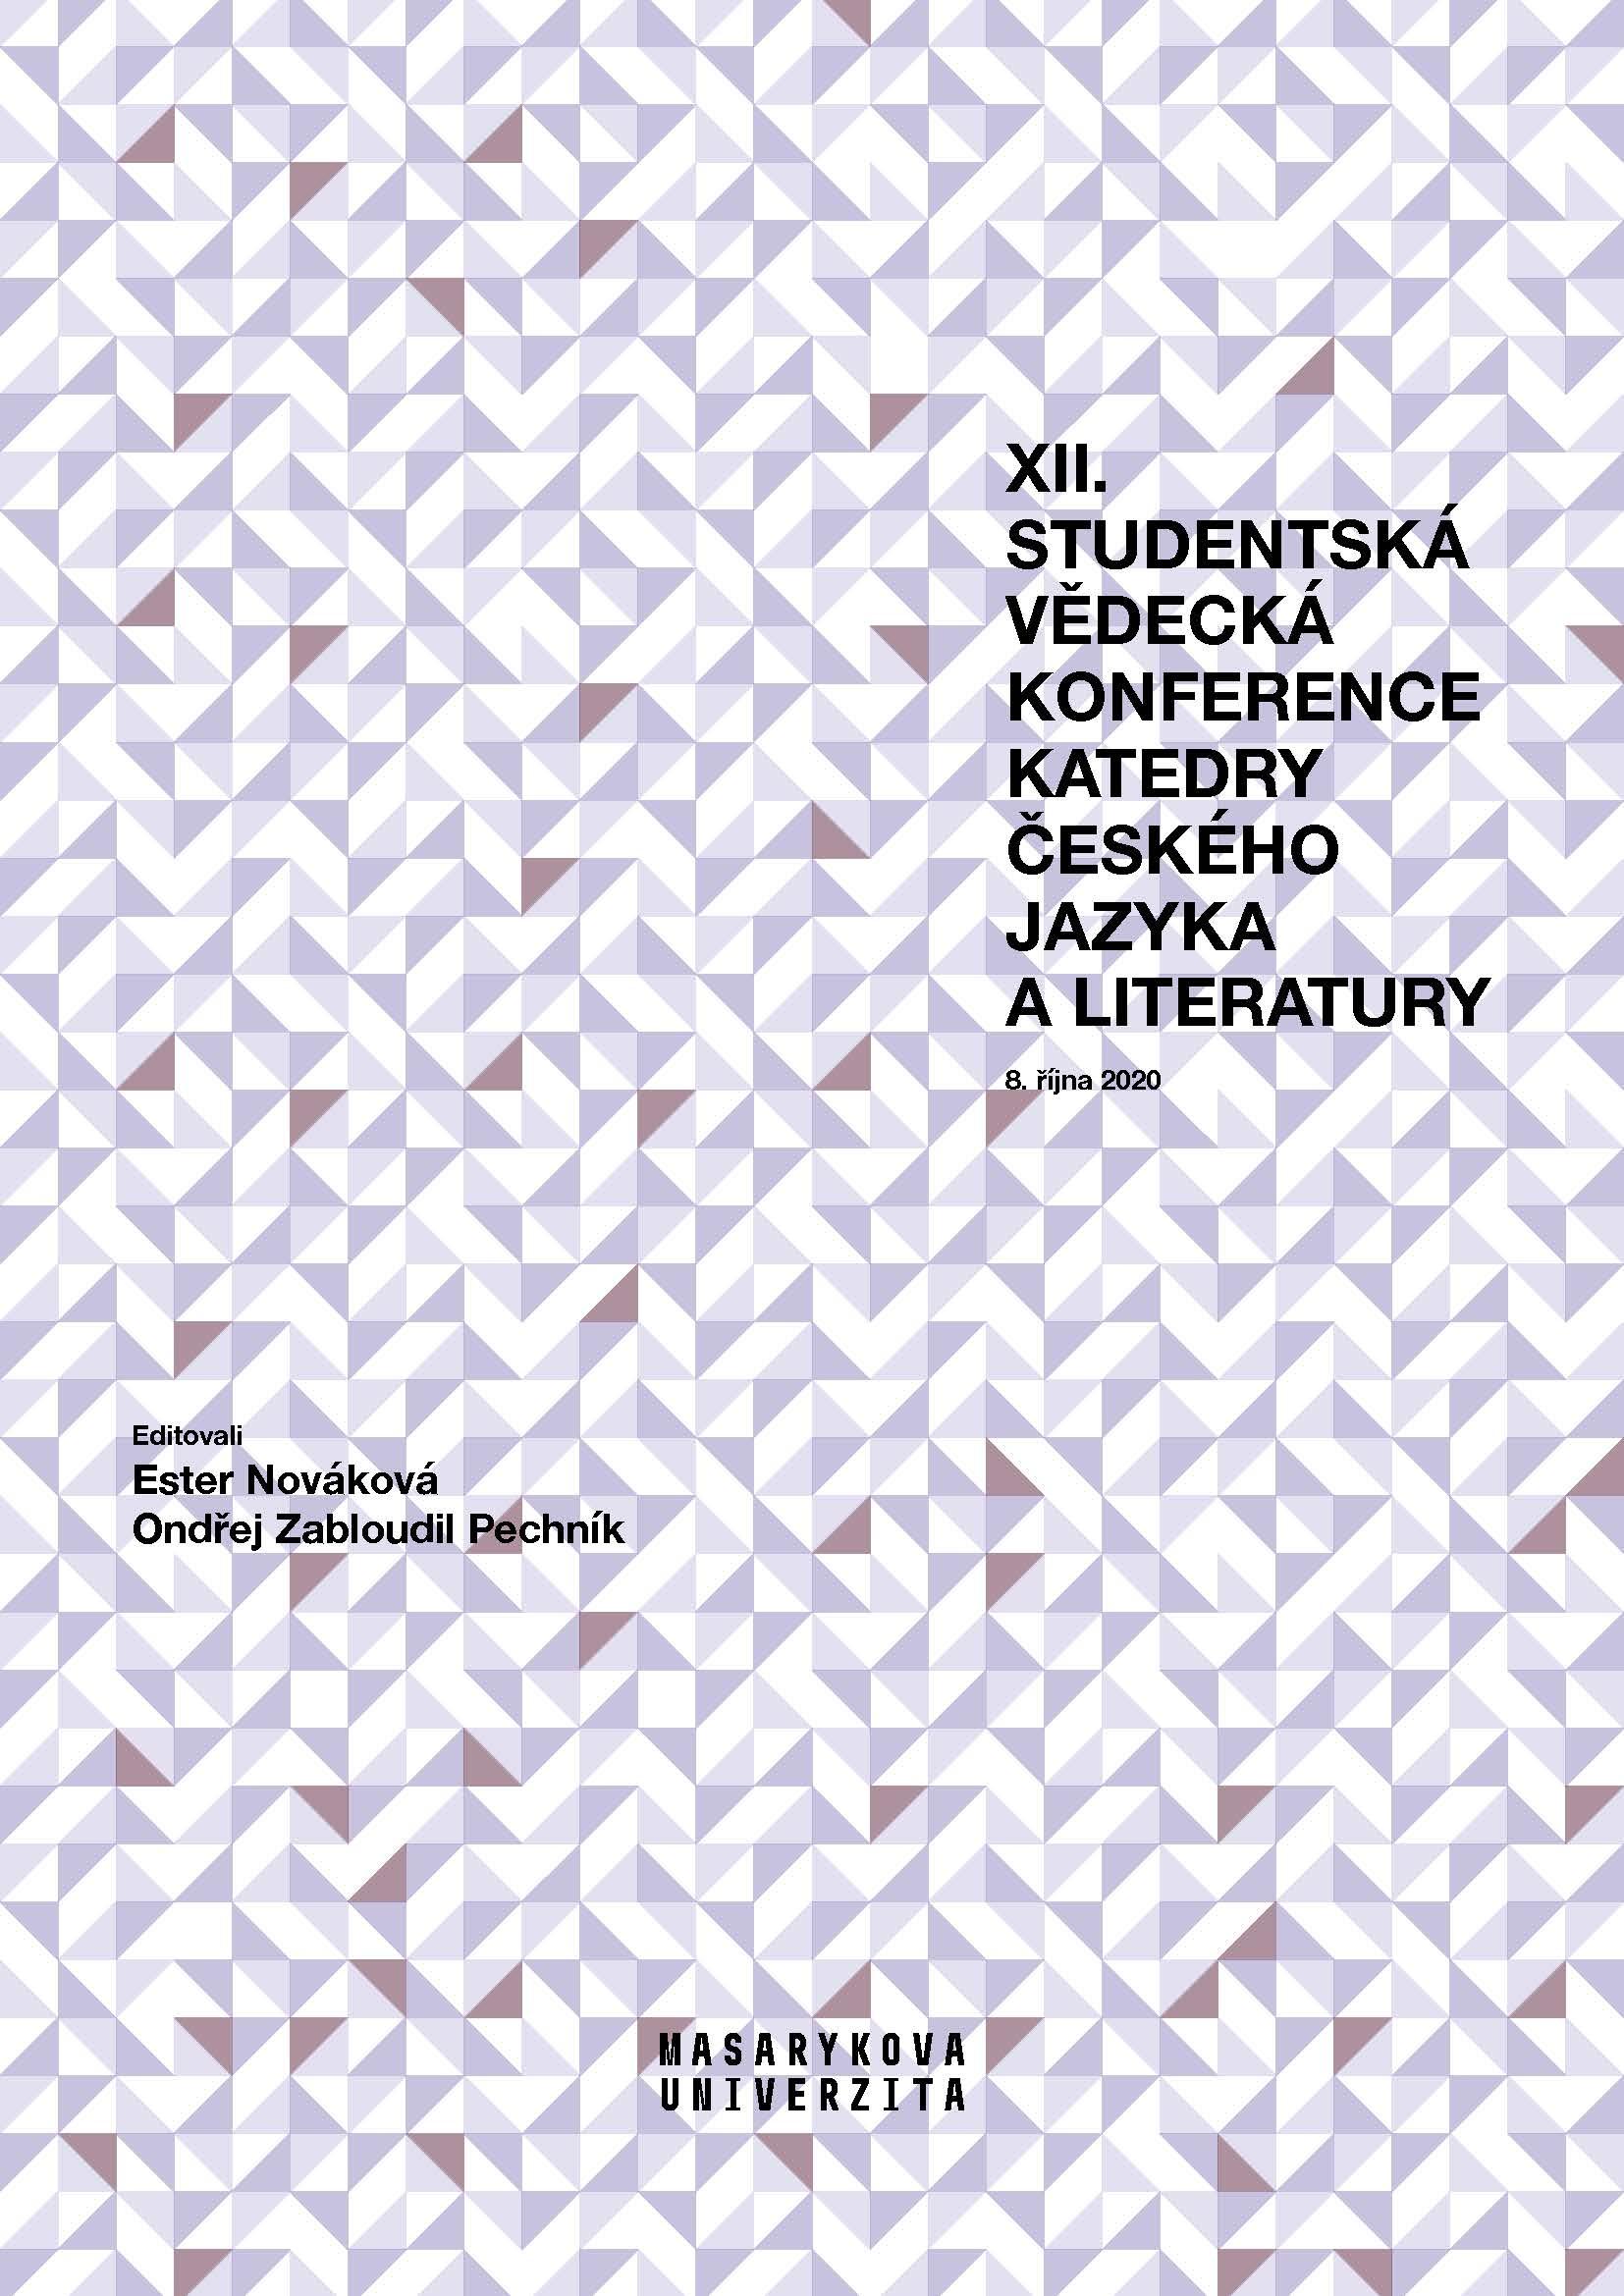 Obálka pro XII. studentská vědecká konference Katedry českého jazyka a literatury. 8. října 2020